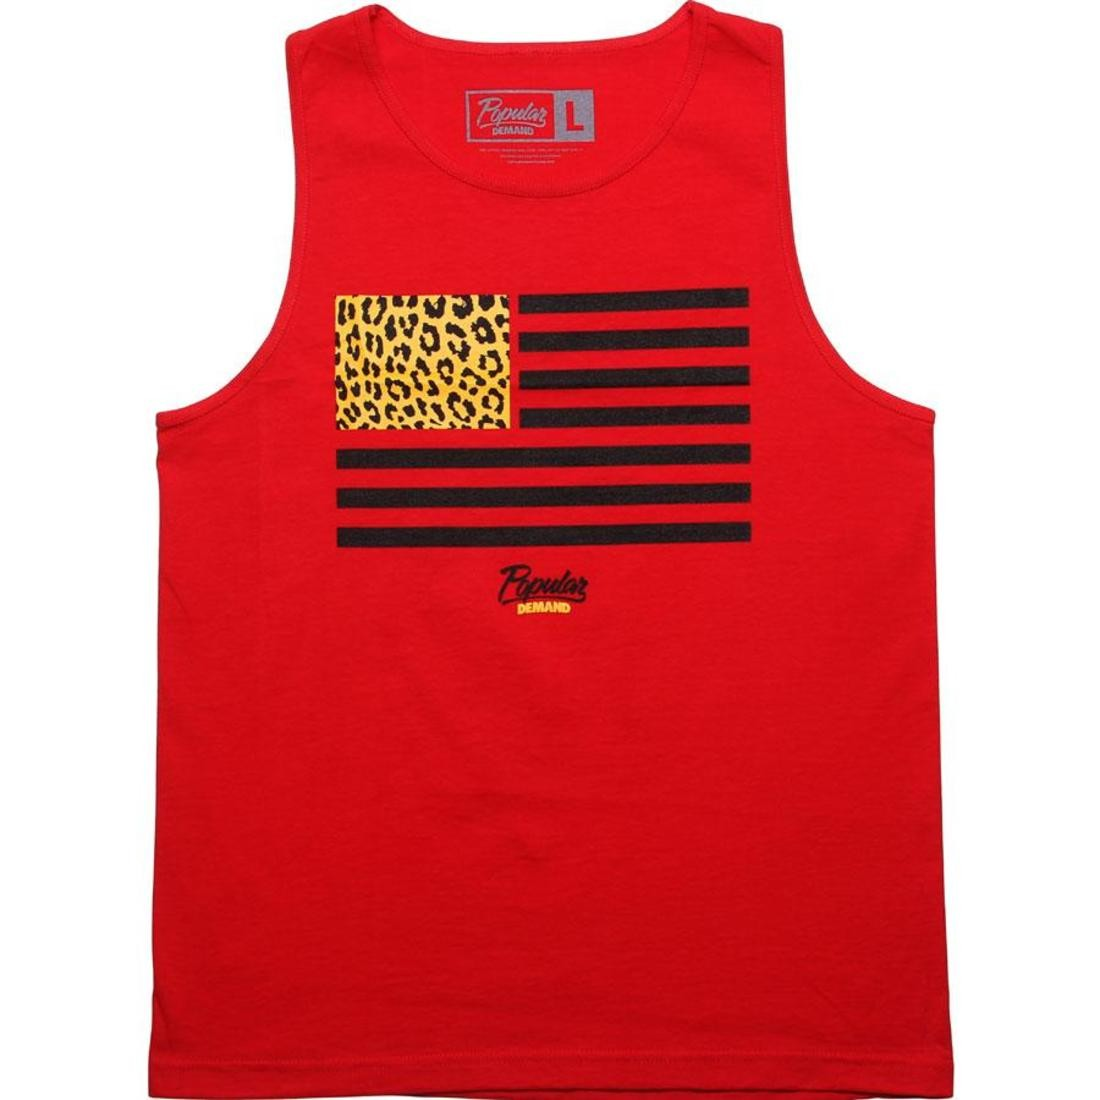 タンクトップ 【 POPULAR DEMAND CHEETAH FLAG TANK TOP RED 】 メンズファッション トップス 送料無料